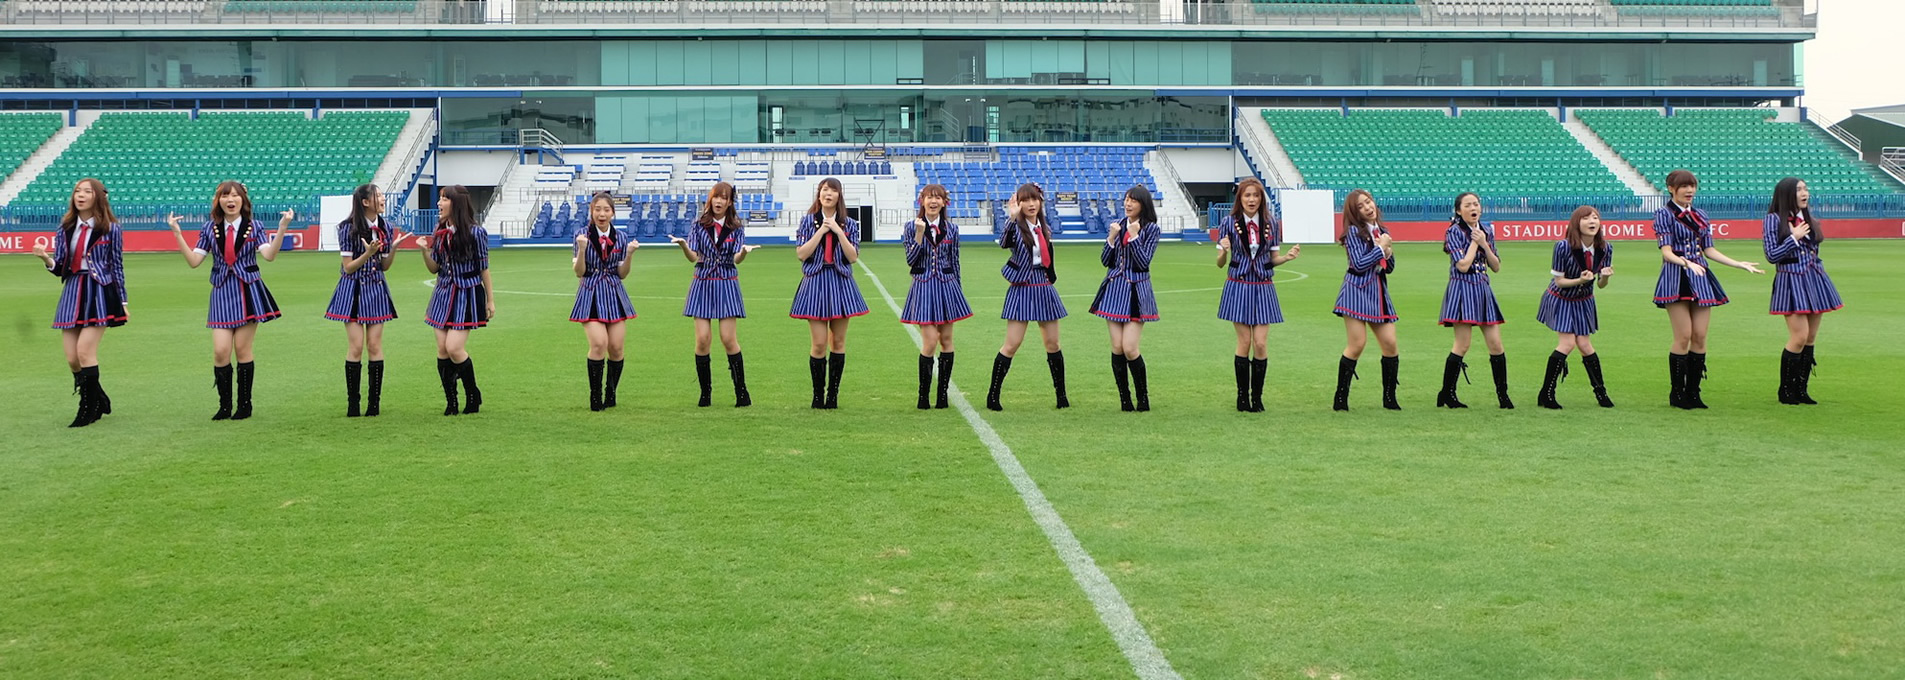 BNK48「初日(Shonichi)」、センターはミュージック&ヌーイ